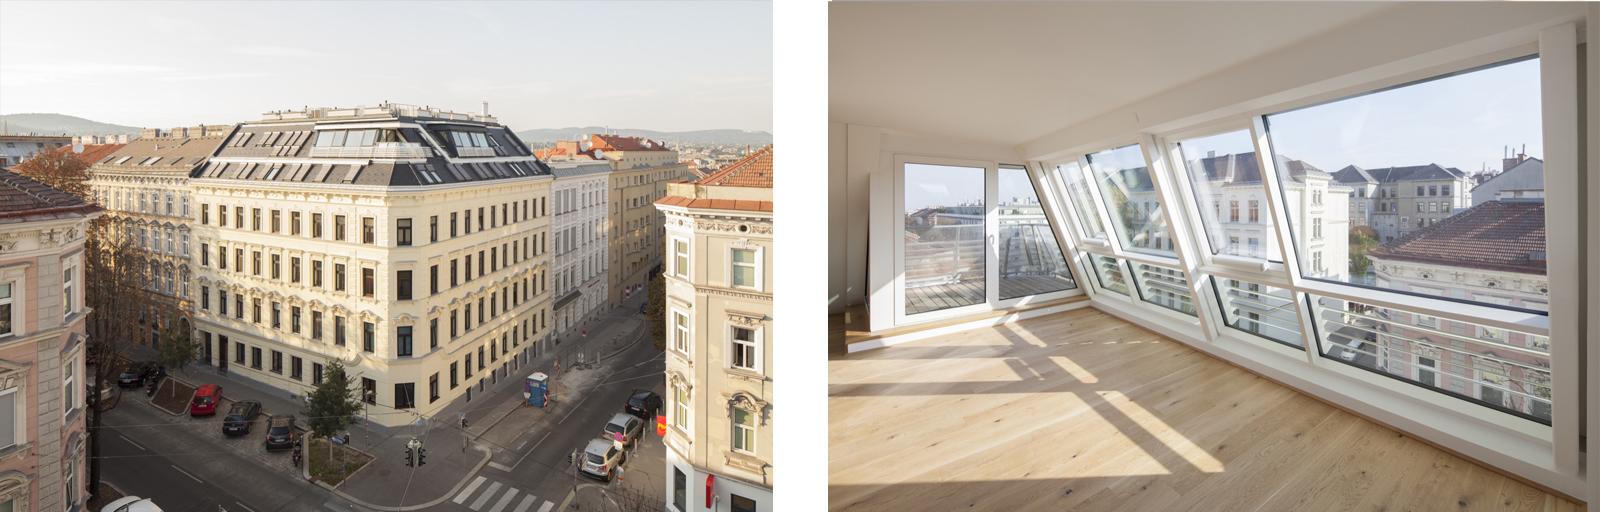 In der Wiener Koppstrasse hat Aichberger Architektur ZT fünf neue Wohnungen im Dachgeschoss geschaffen.